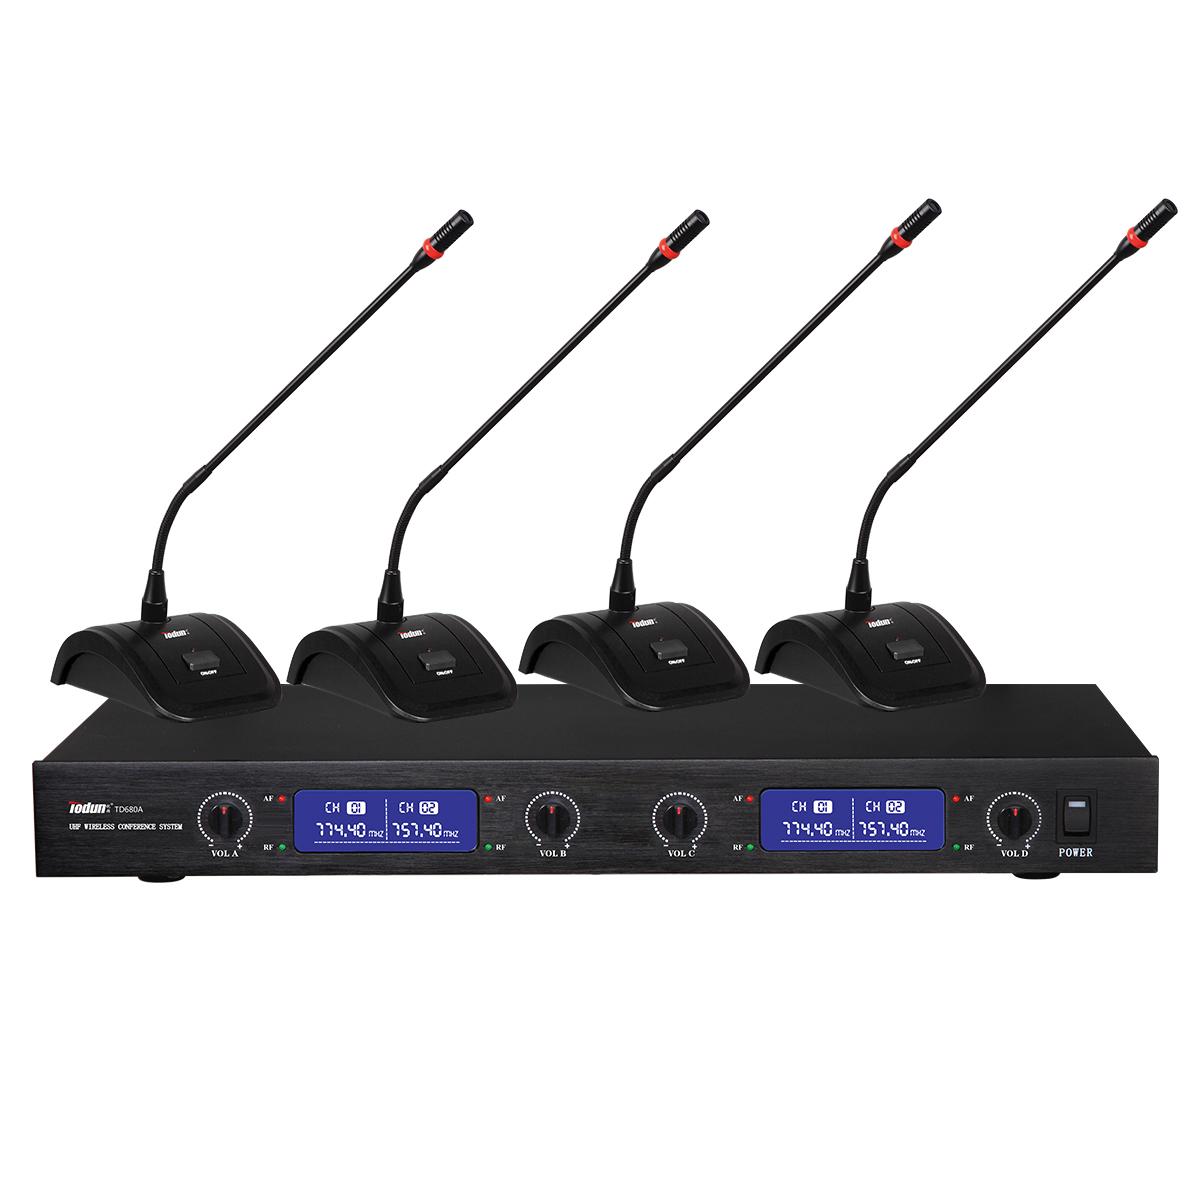 托顿TD680A 无线鹅颈话筒 U段定频 一拖四无线会议系统